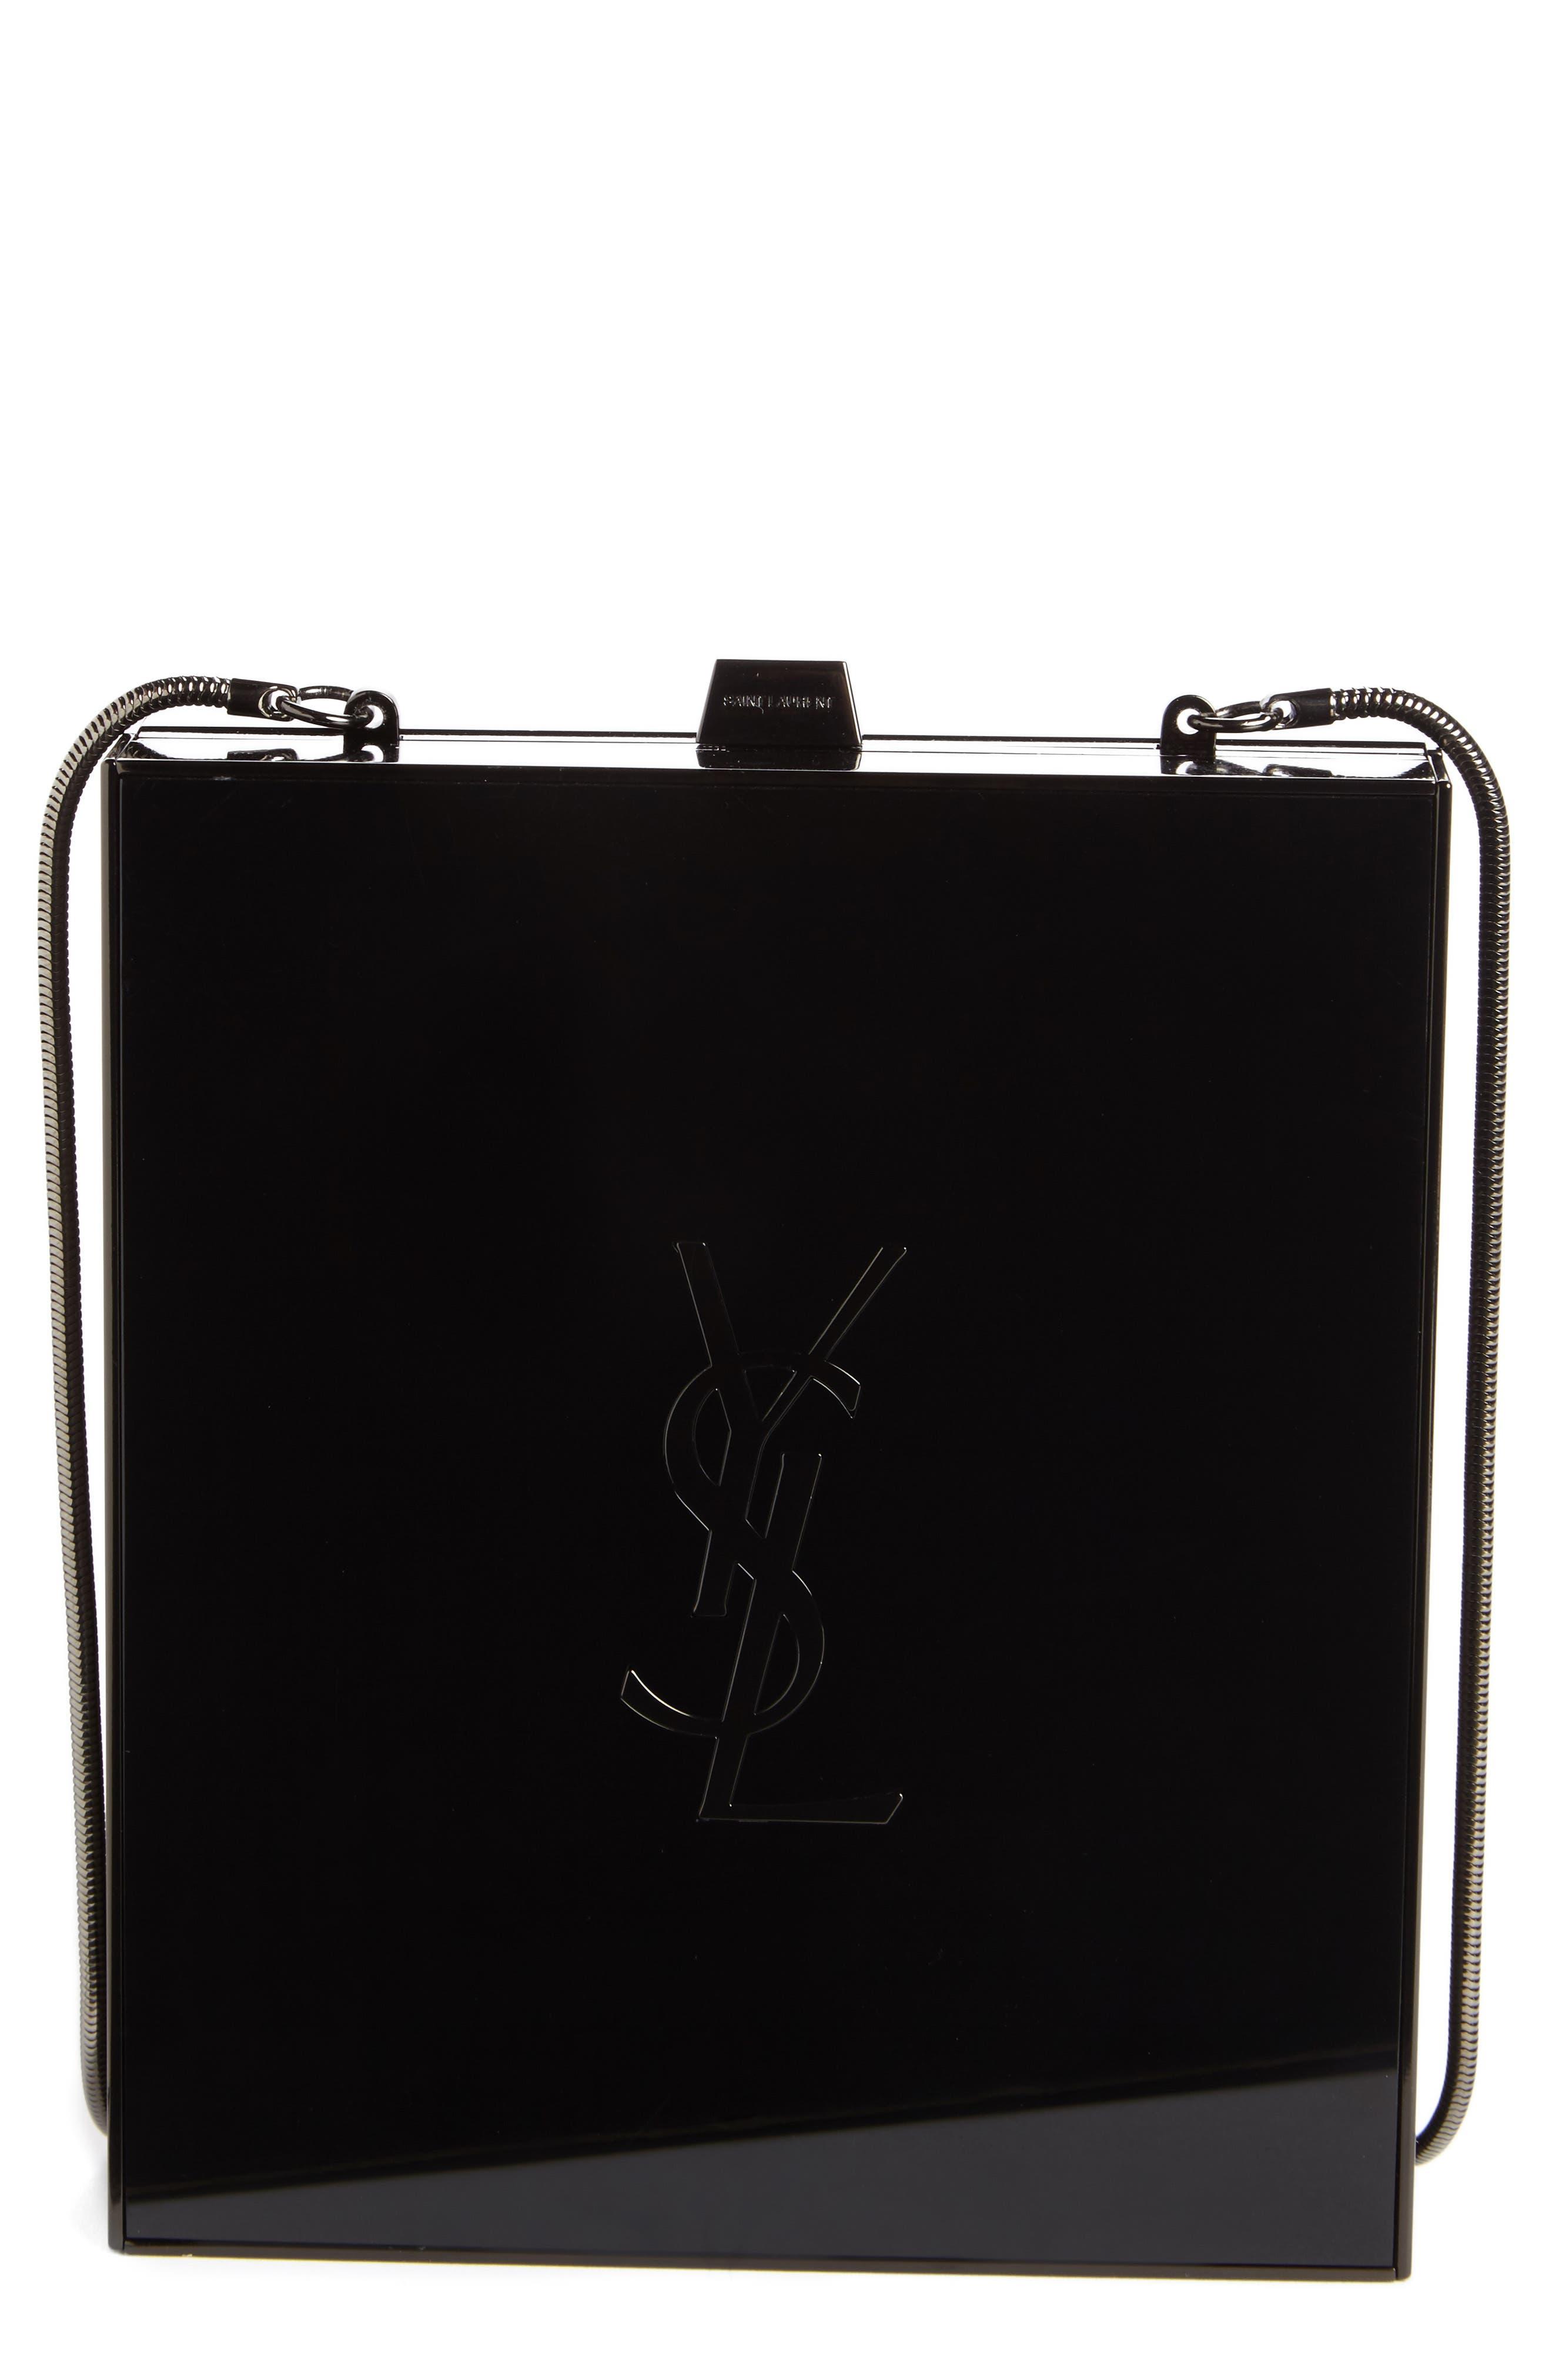 SAINT LAURENT Tuxedo Plexiglass Clutch, Main, color, NOIR/ BLK MATTE